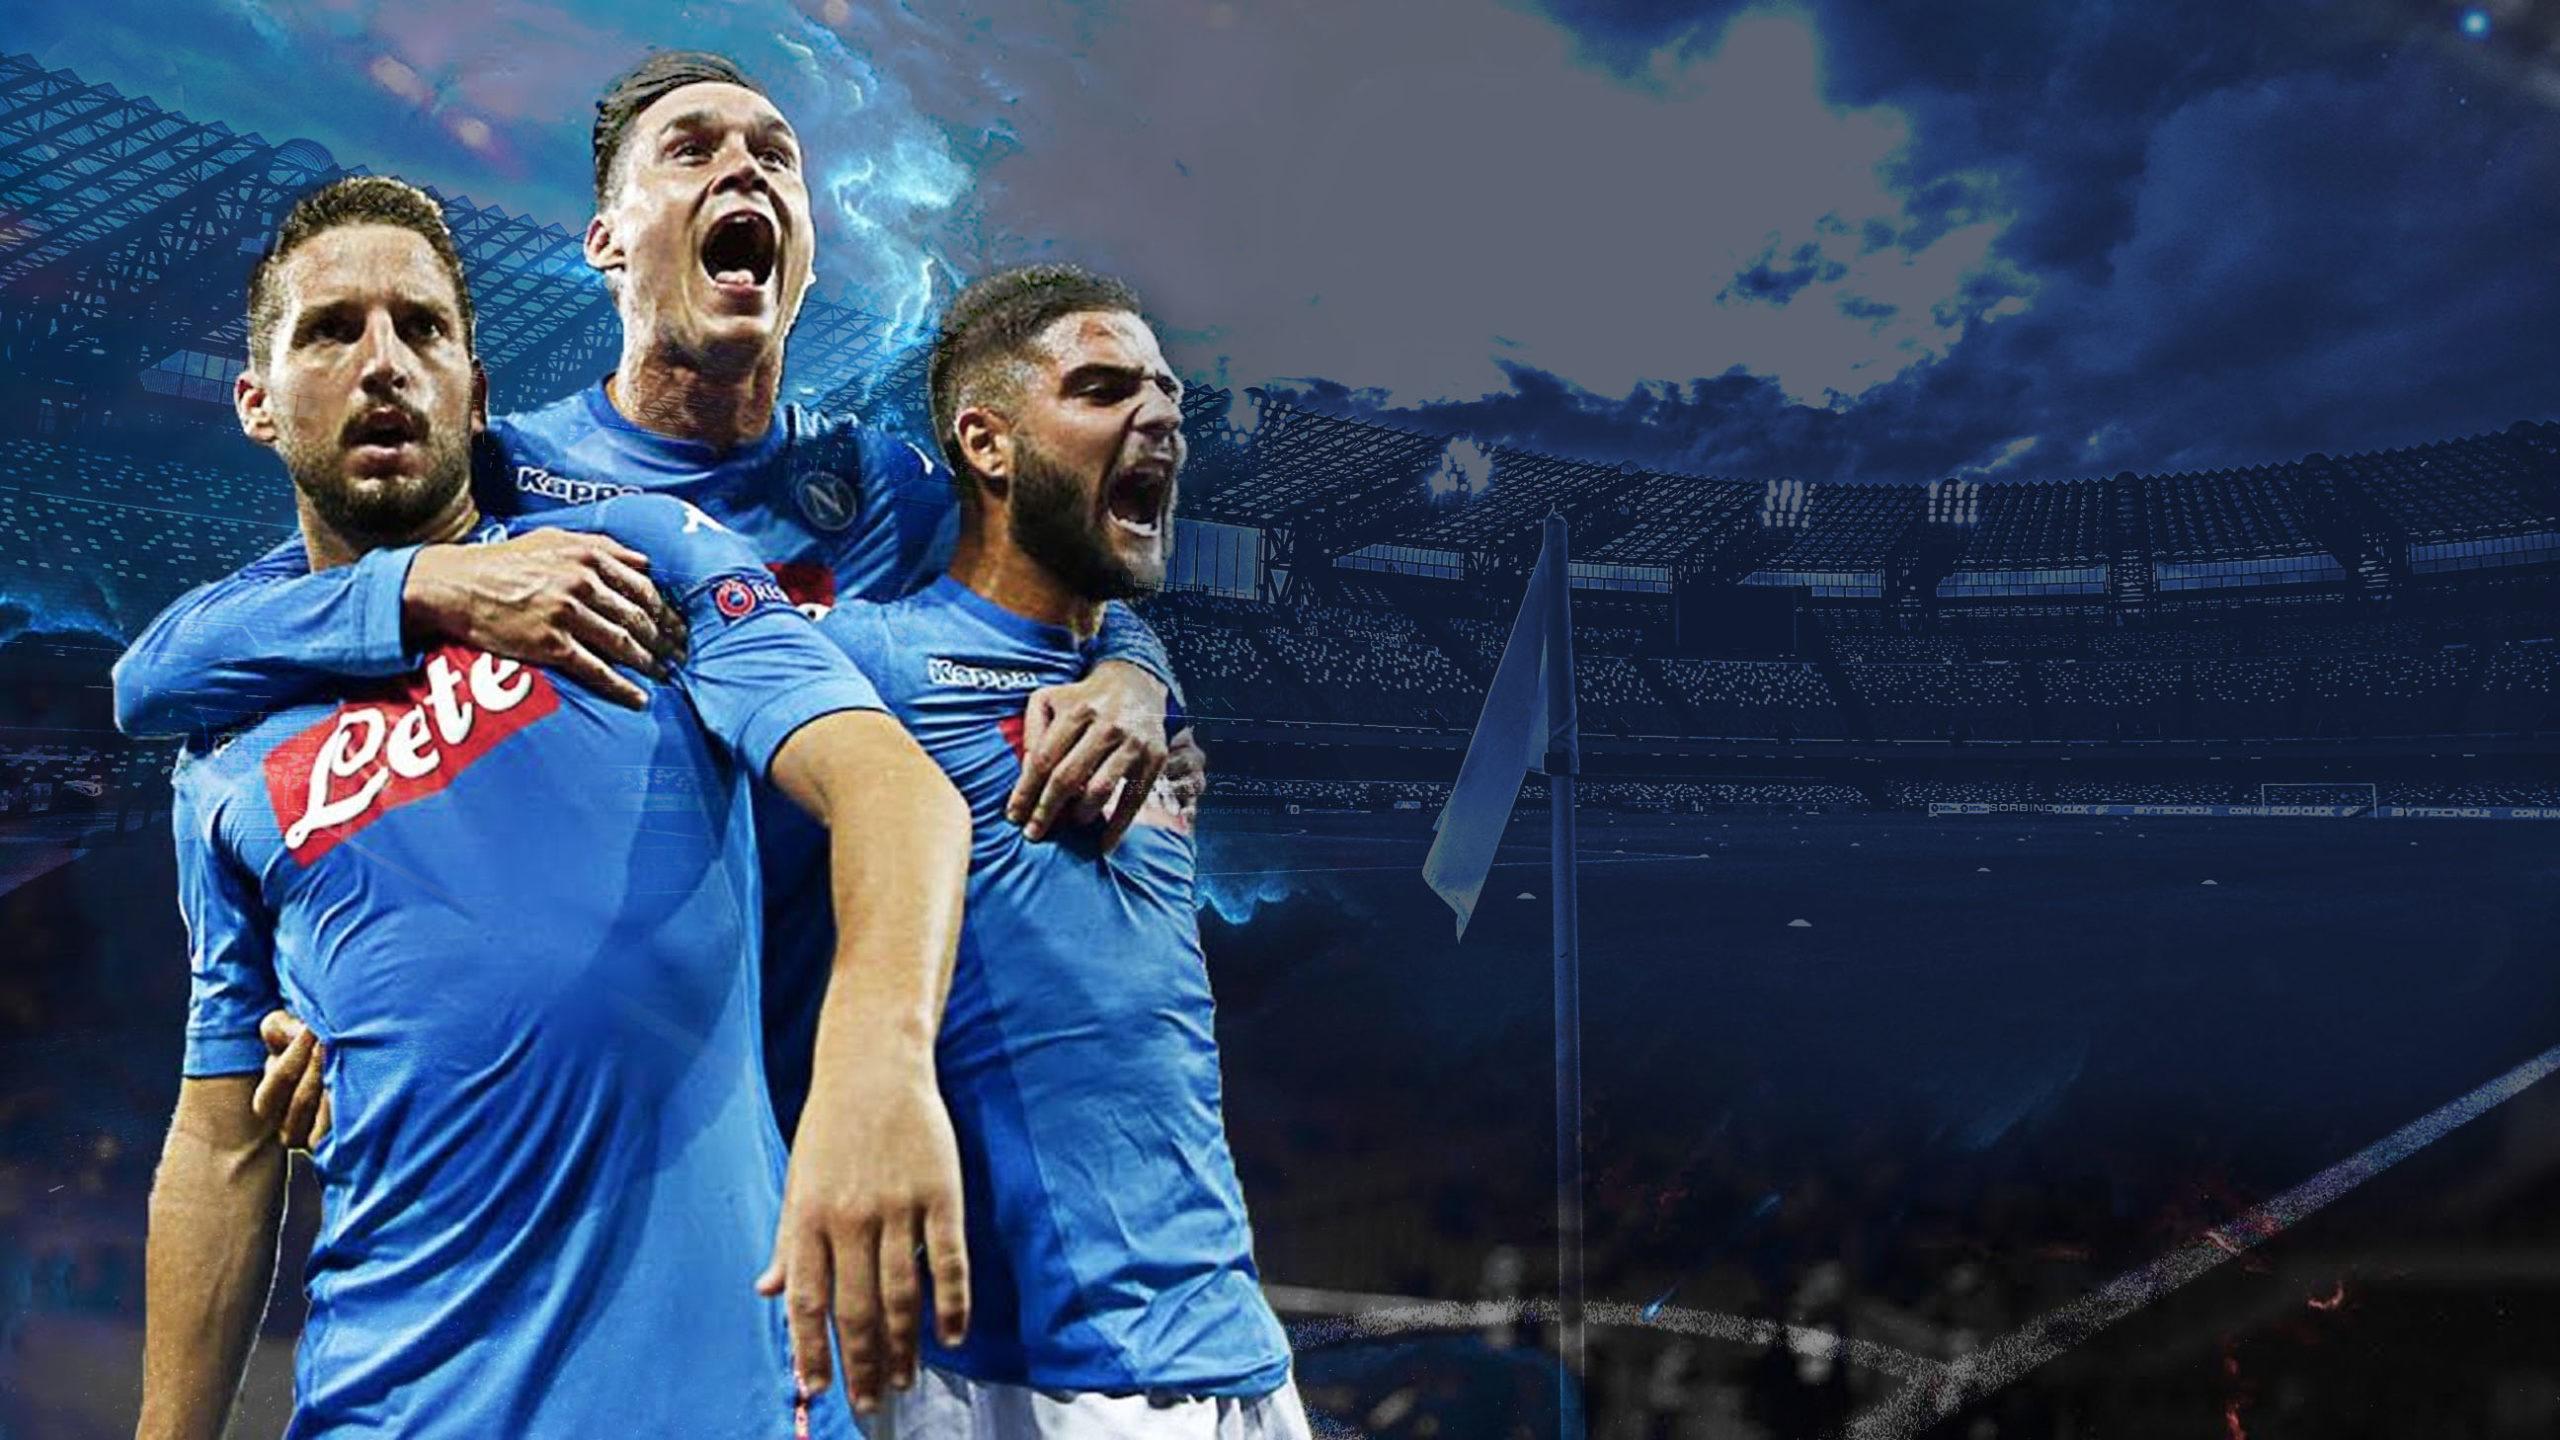 Finale di Coppa Italia: la formazione del Napoli